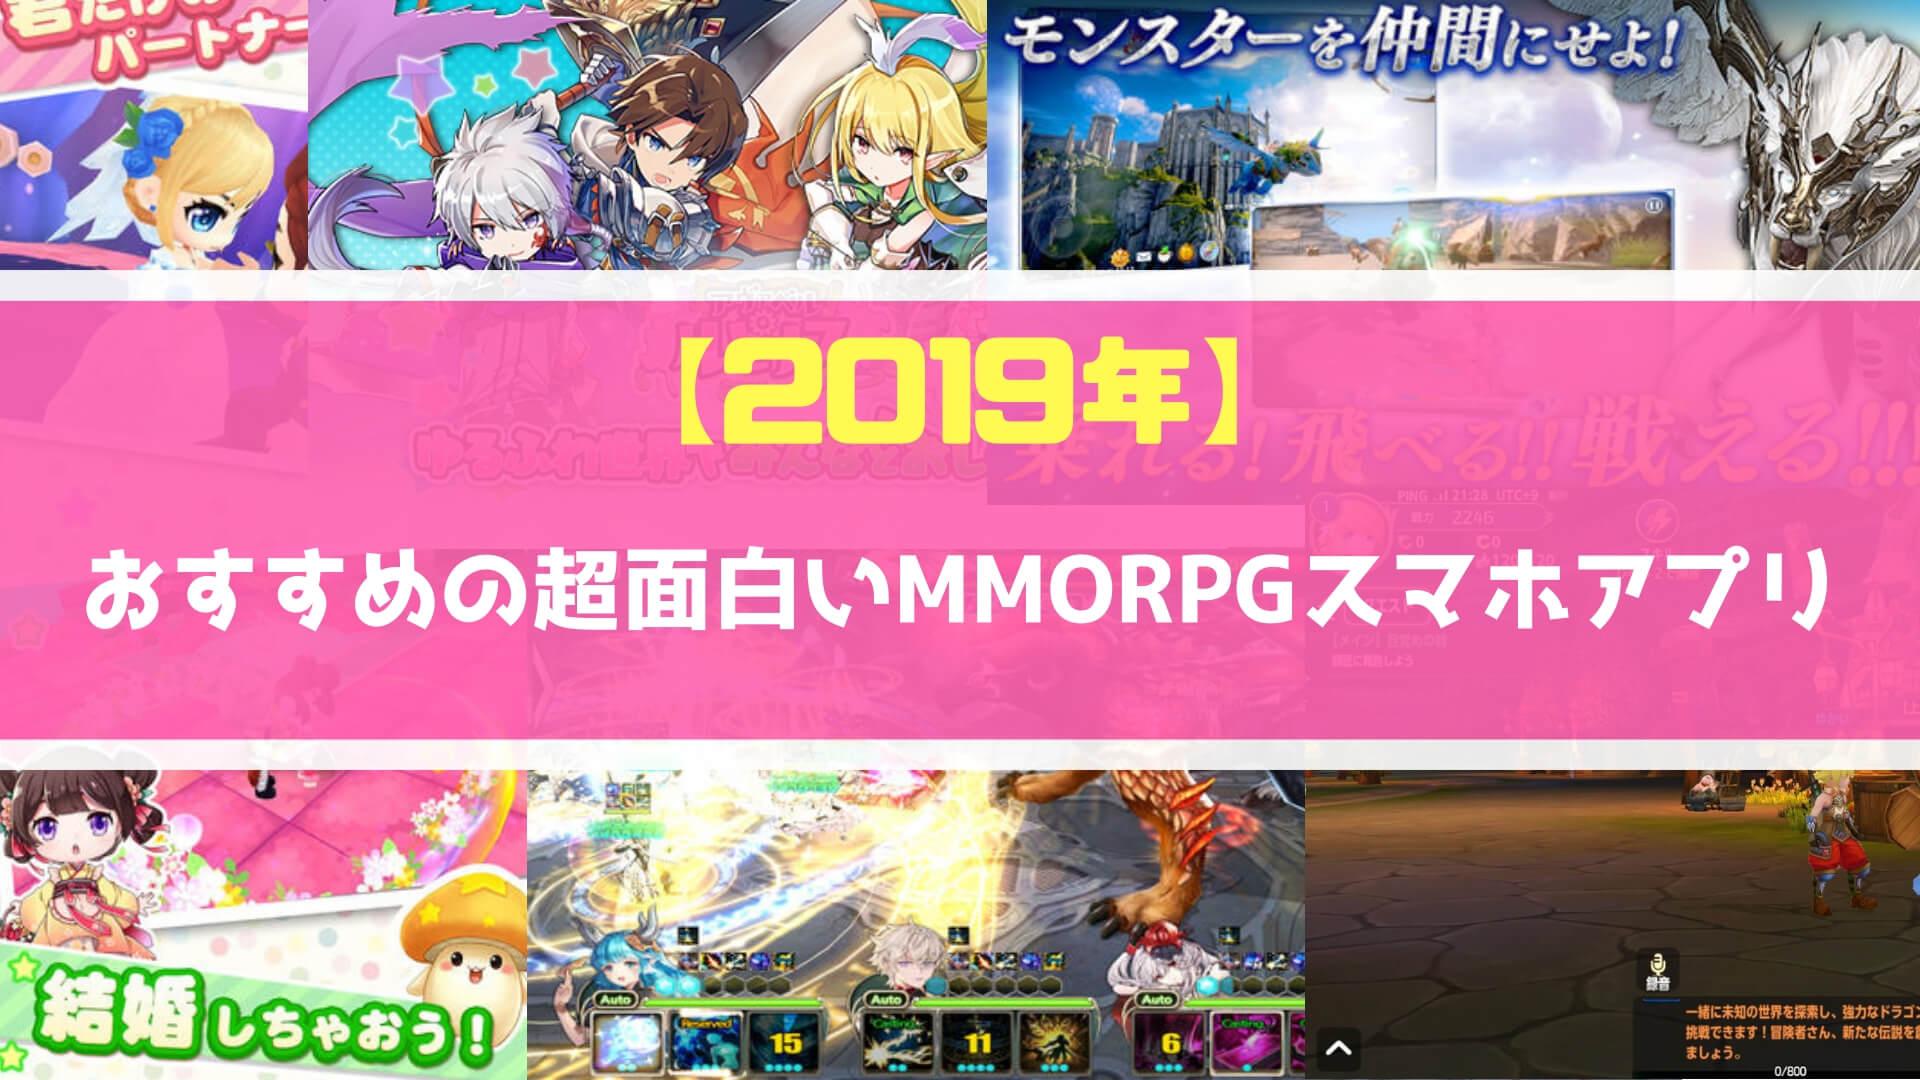 【2019年】おすすめの超面白いMMORPGスマホアプリ